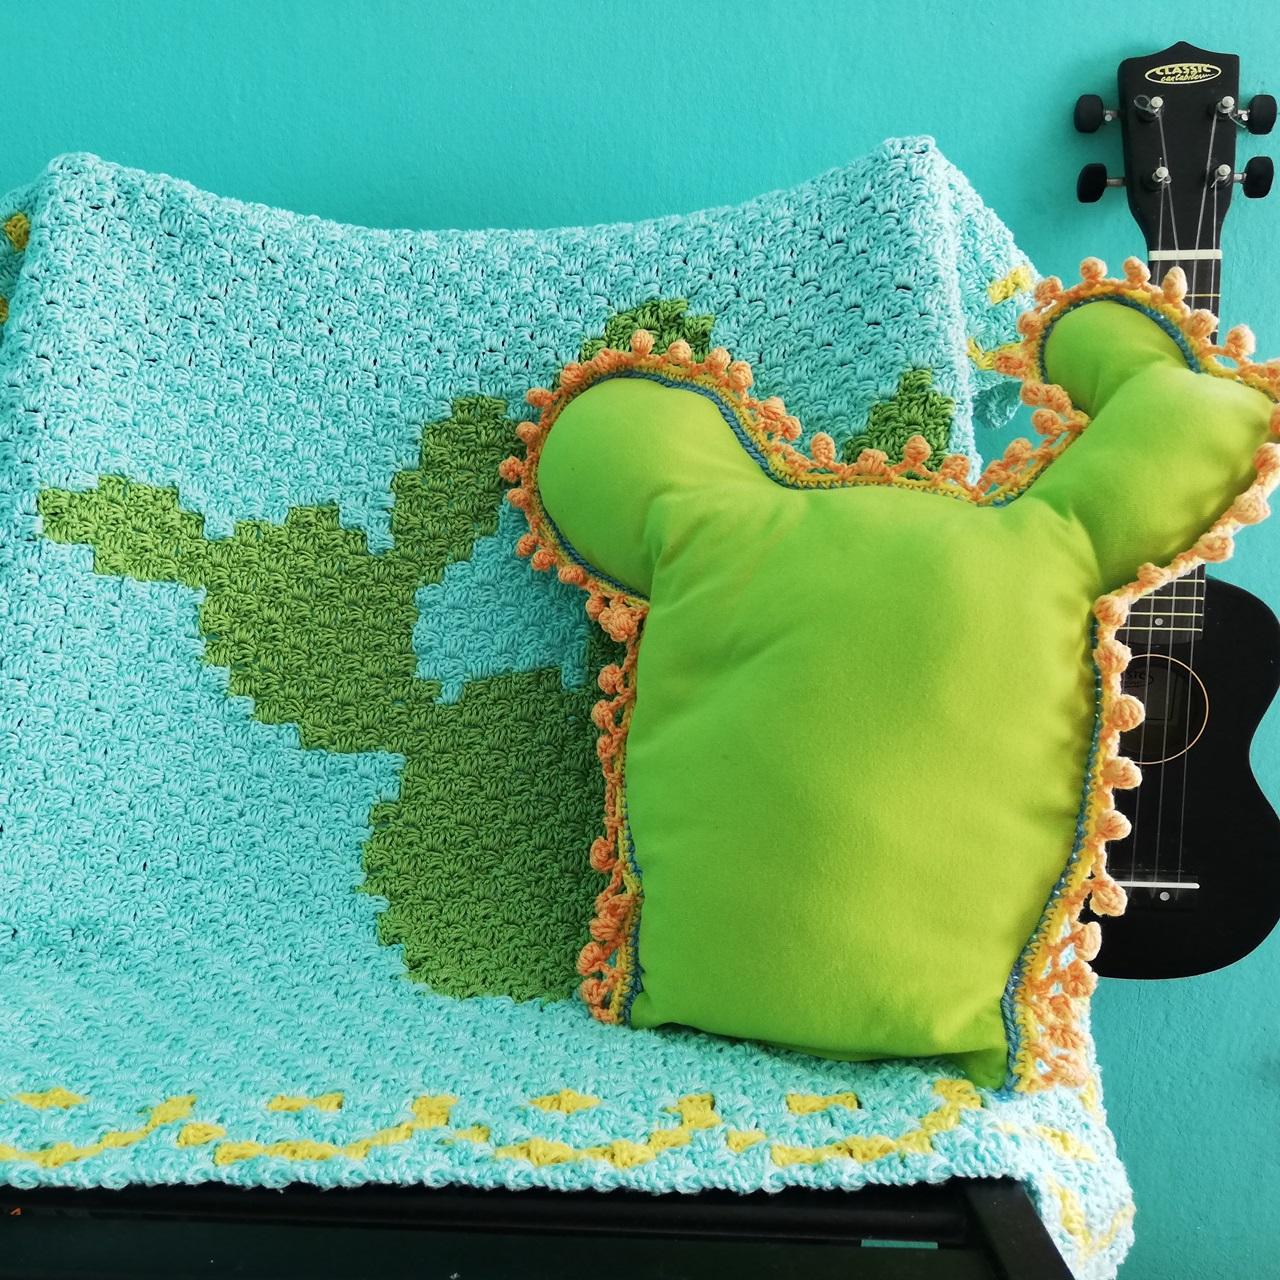 Häkelanleitung Decke mit Kaktus